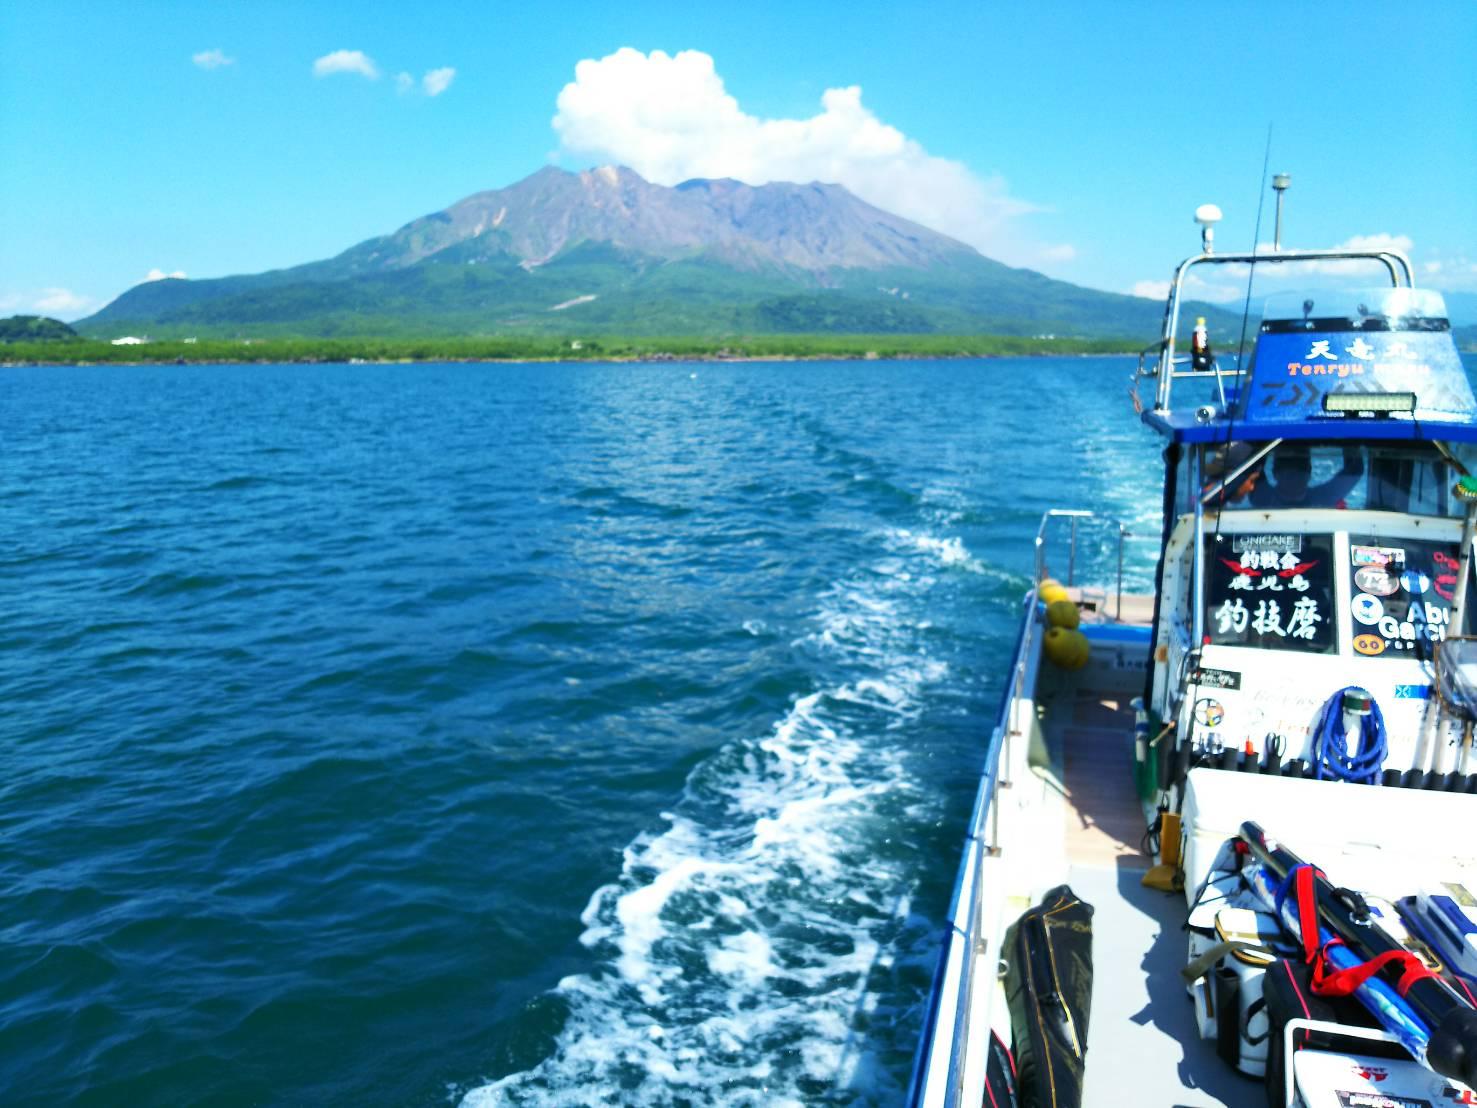 錦江湾に浮かぶ桜島  (写真をタップすると瀬の案内を表示します)